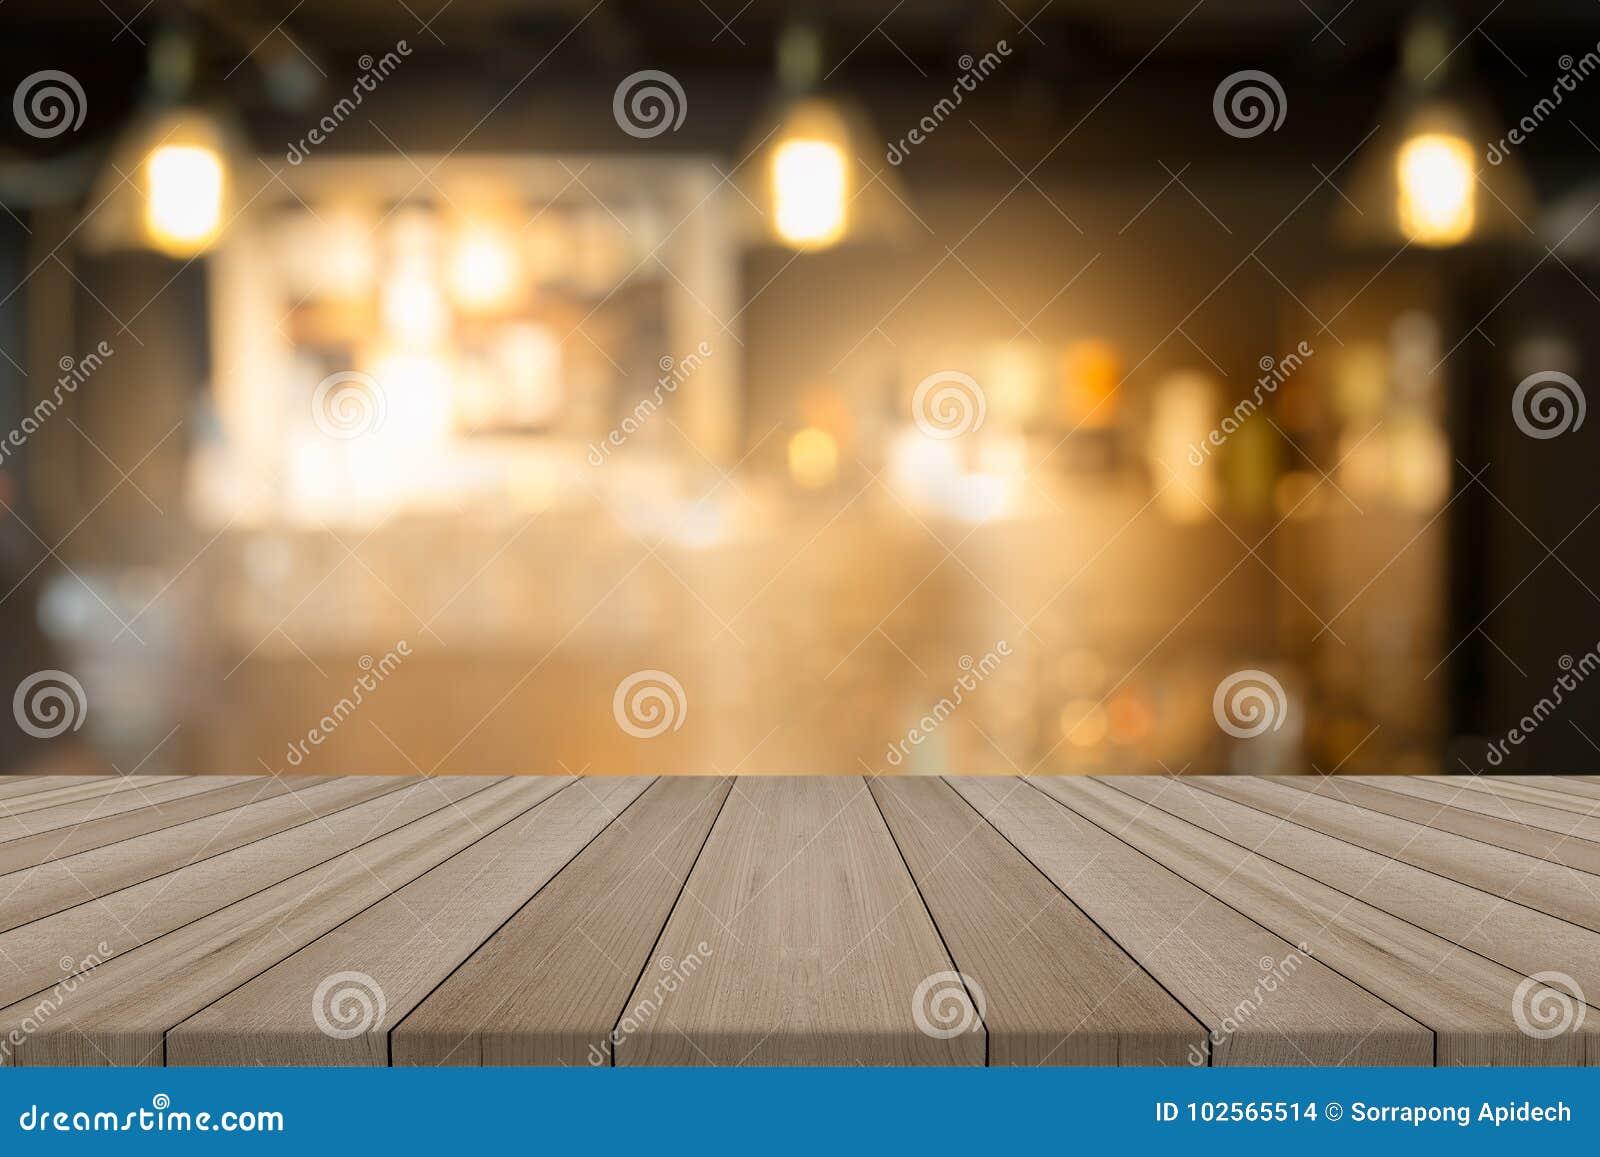 Leere hölzerne Tischplatte auf unscharfer Hintergrundformkaffeestube